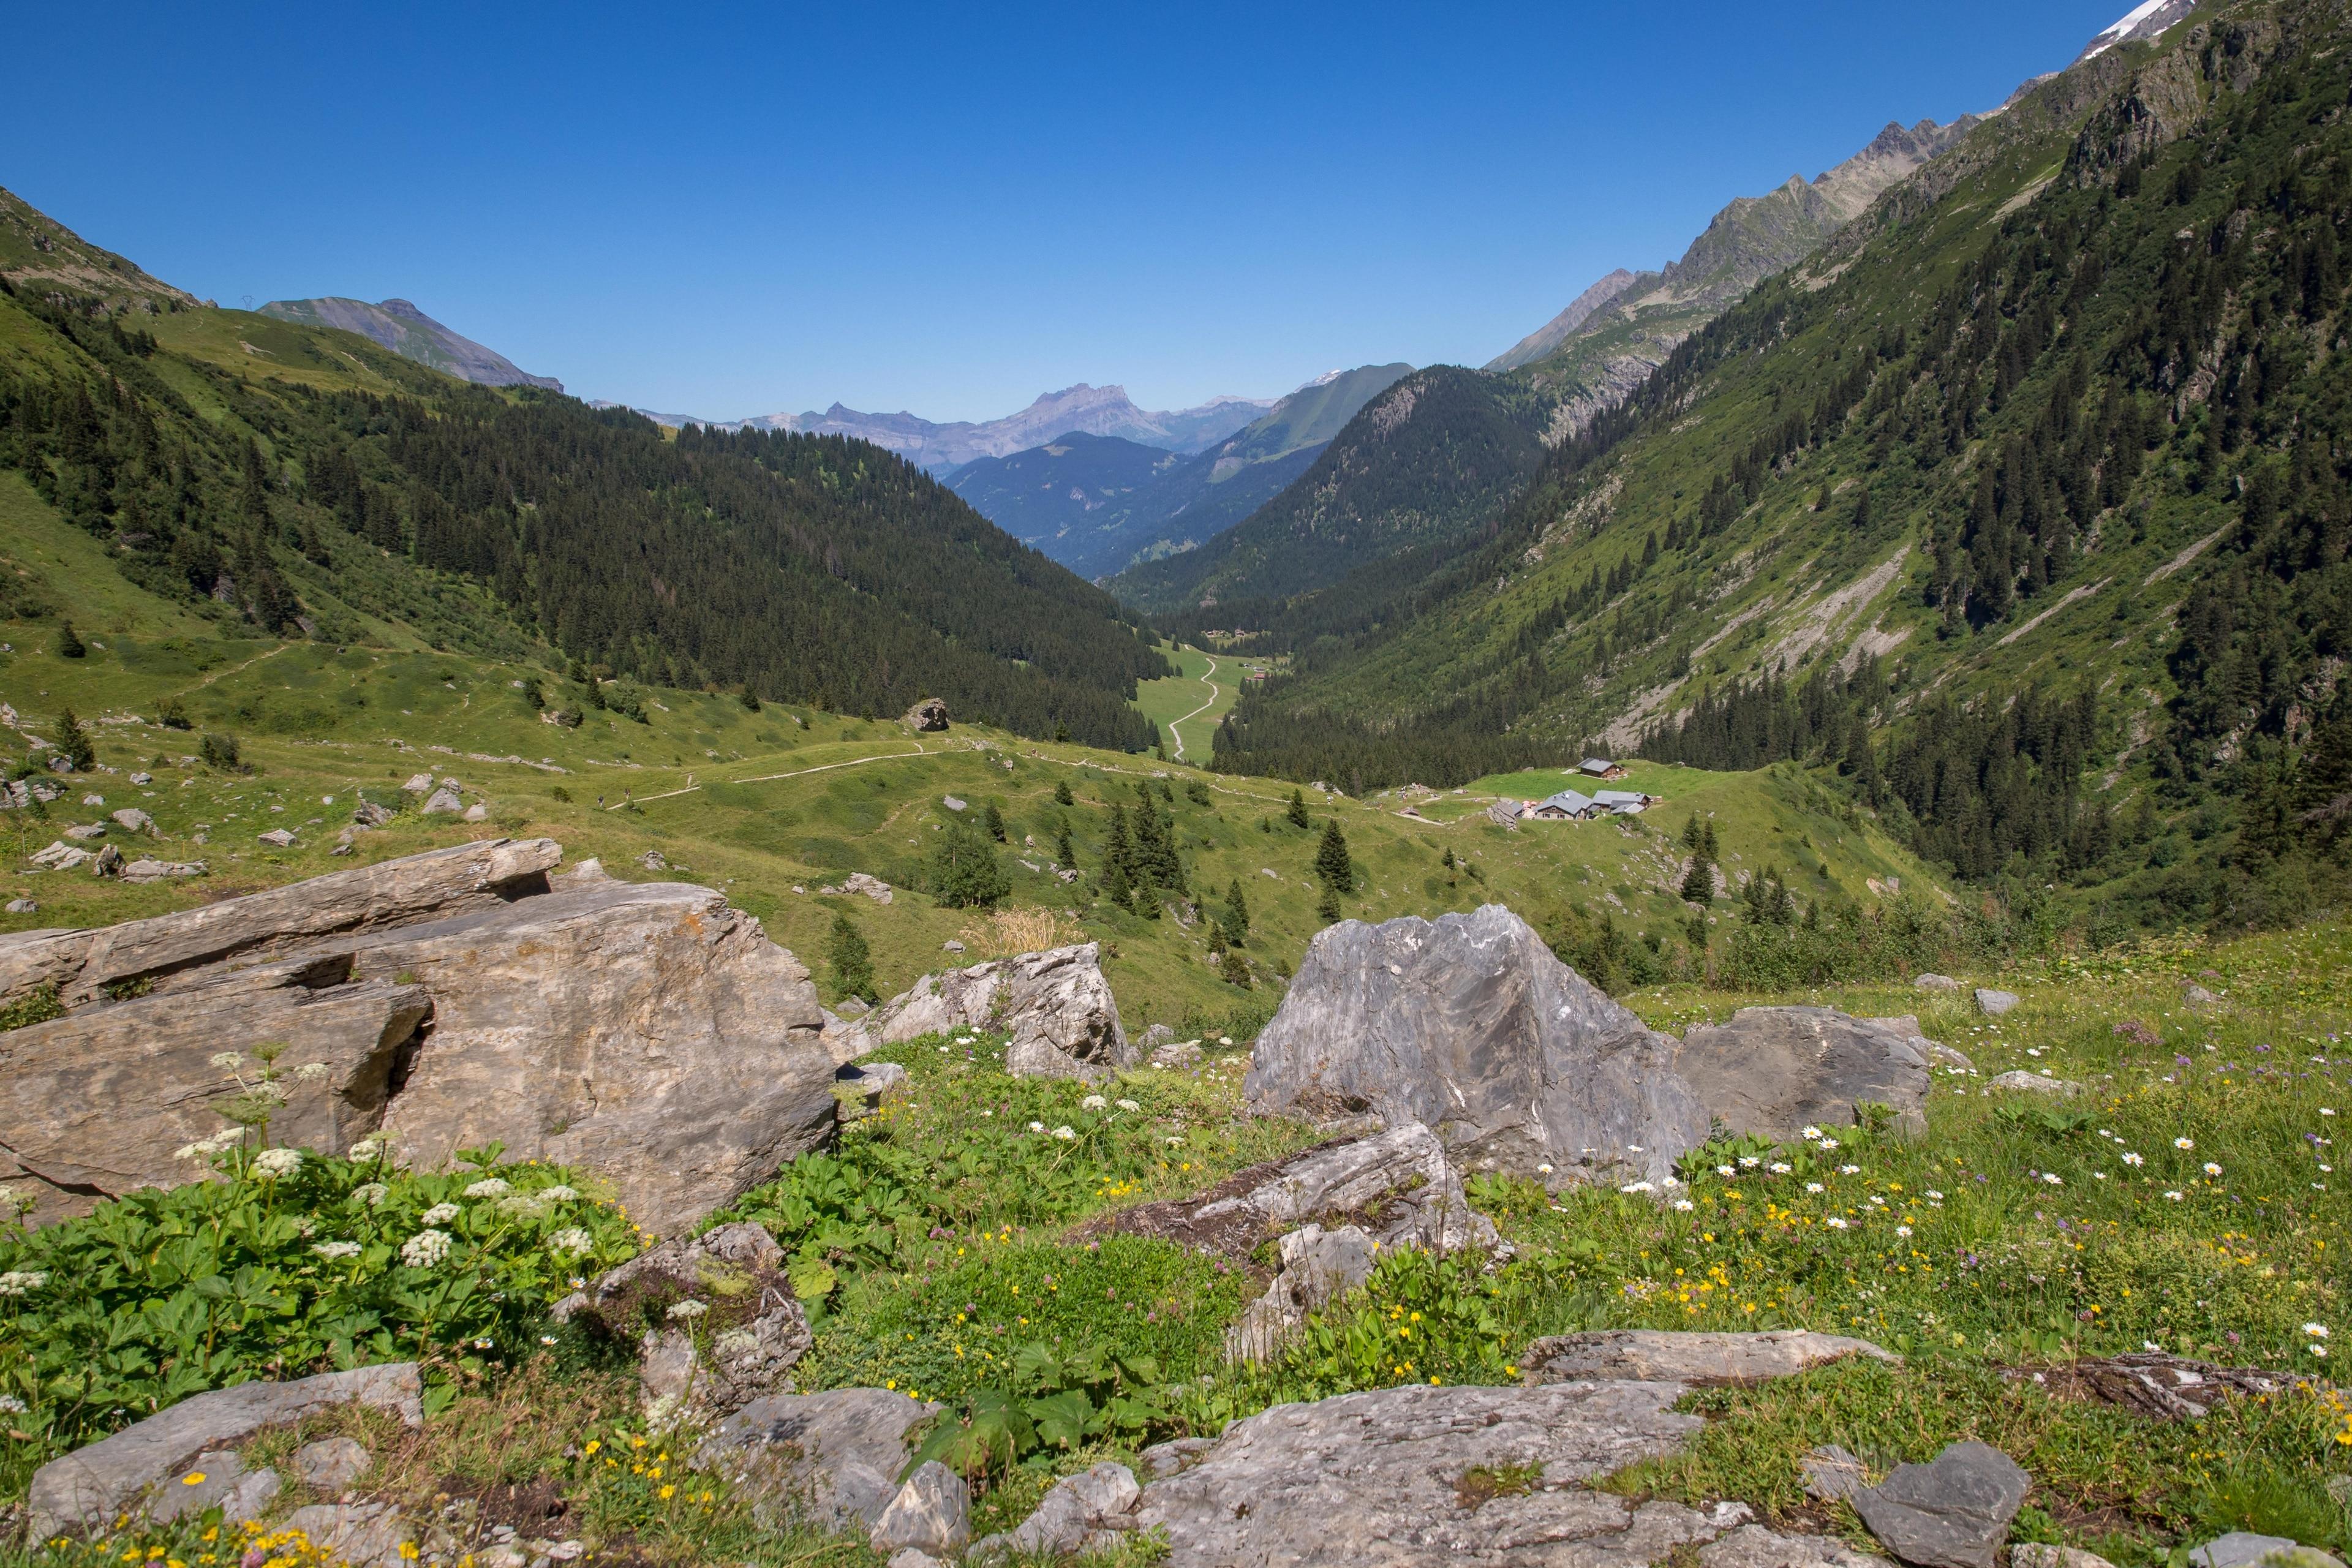 Les Contamines-Montjoie, Haute-Savoie, France